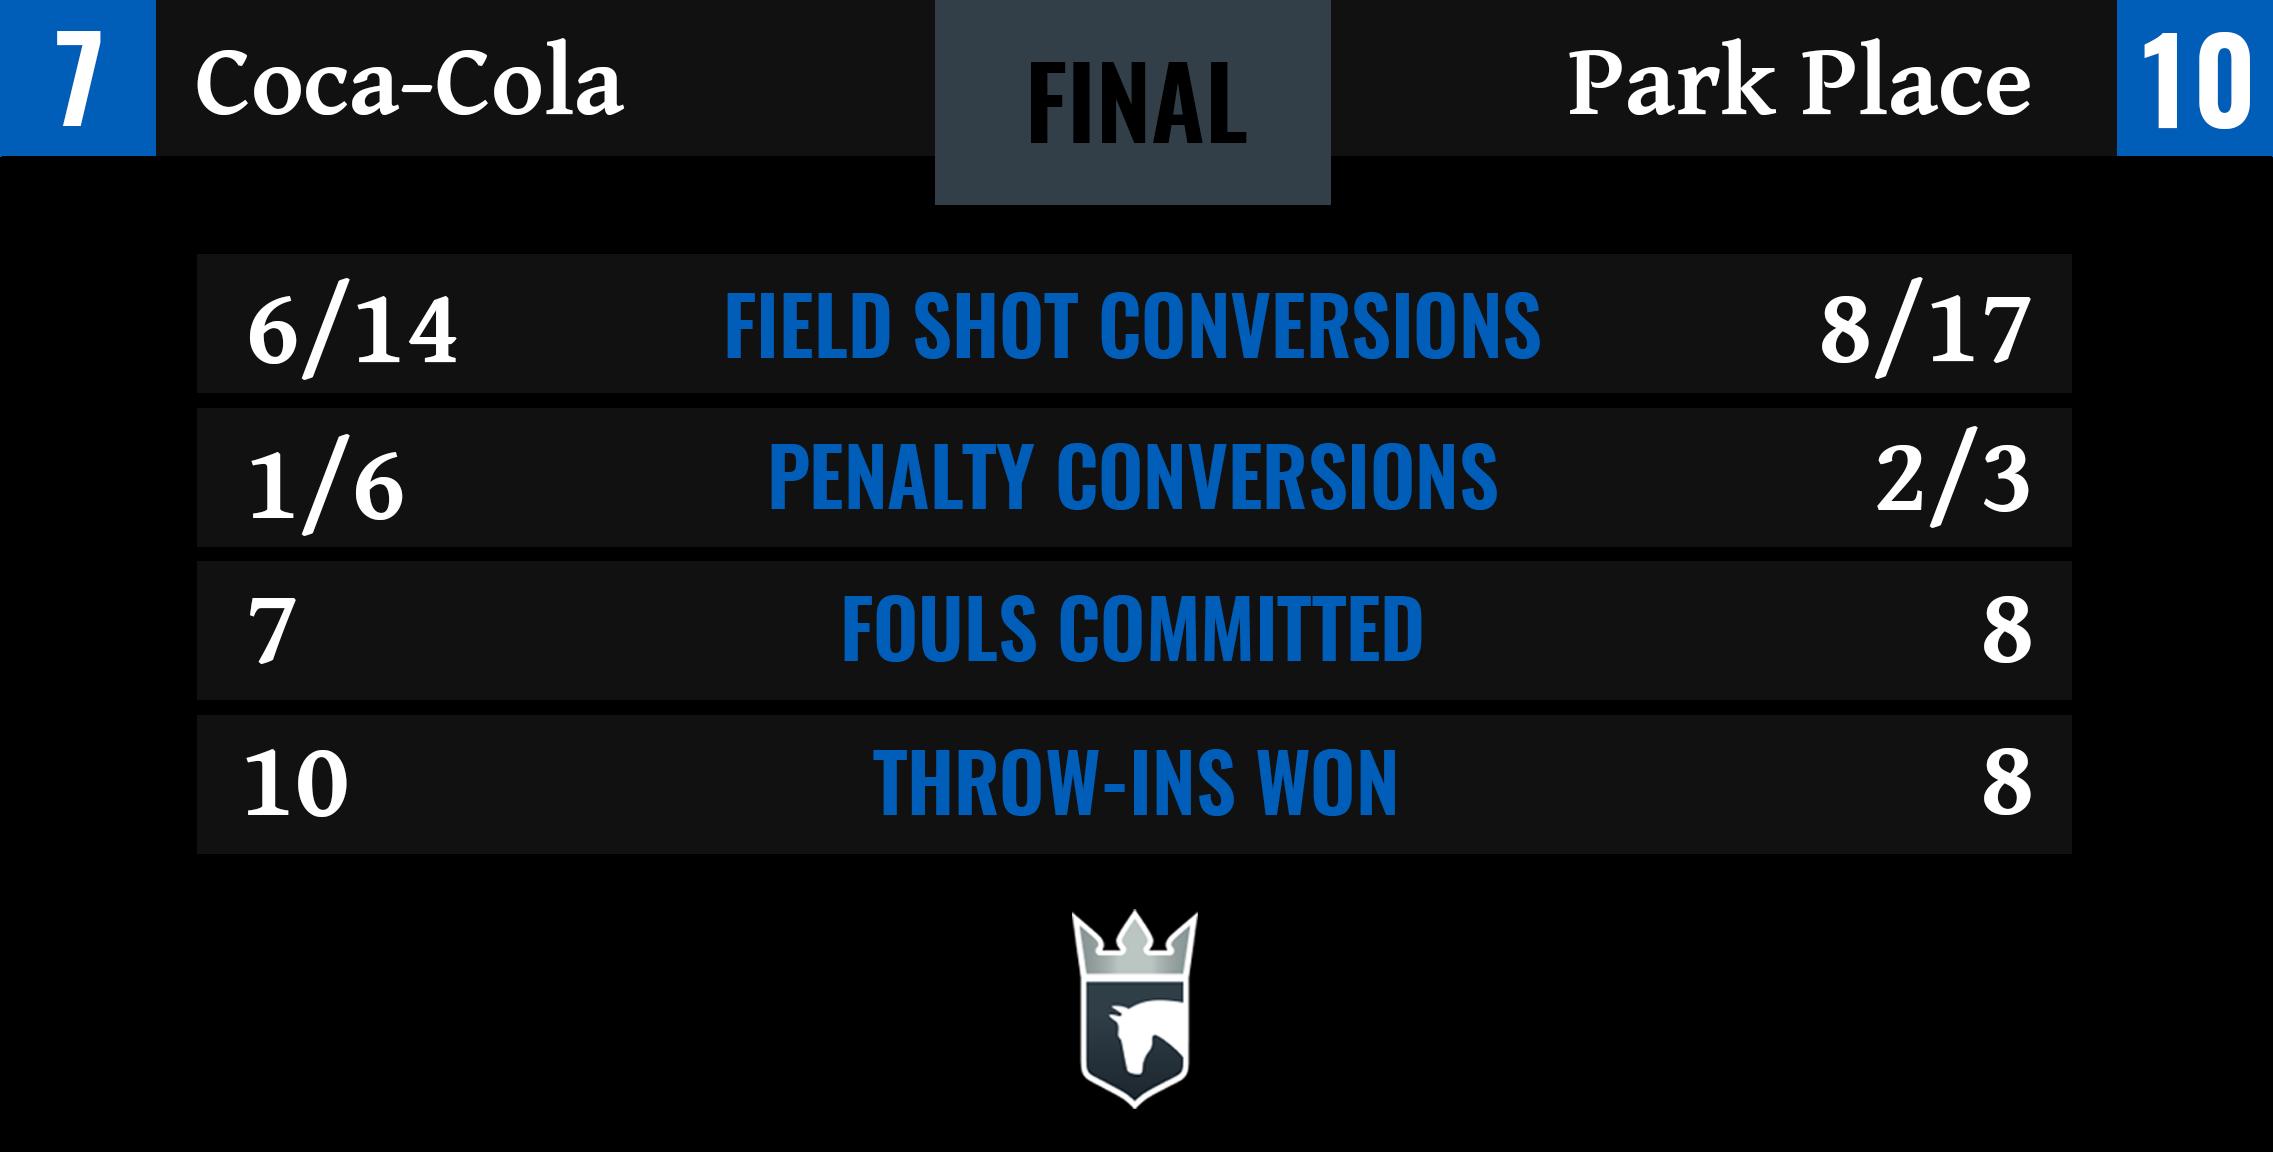 Coca-Cola vs Park Place Final Stats